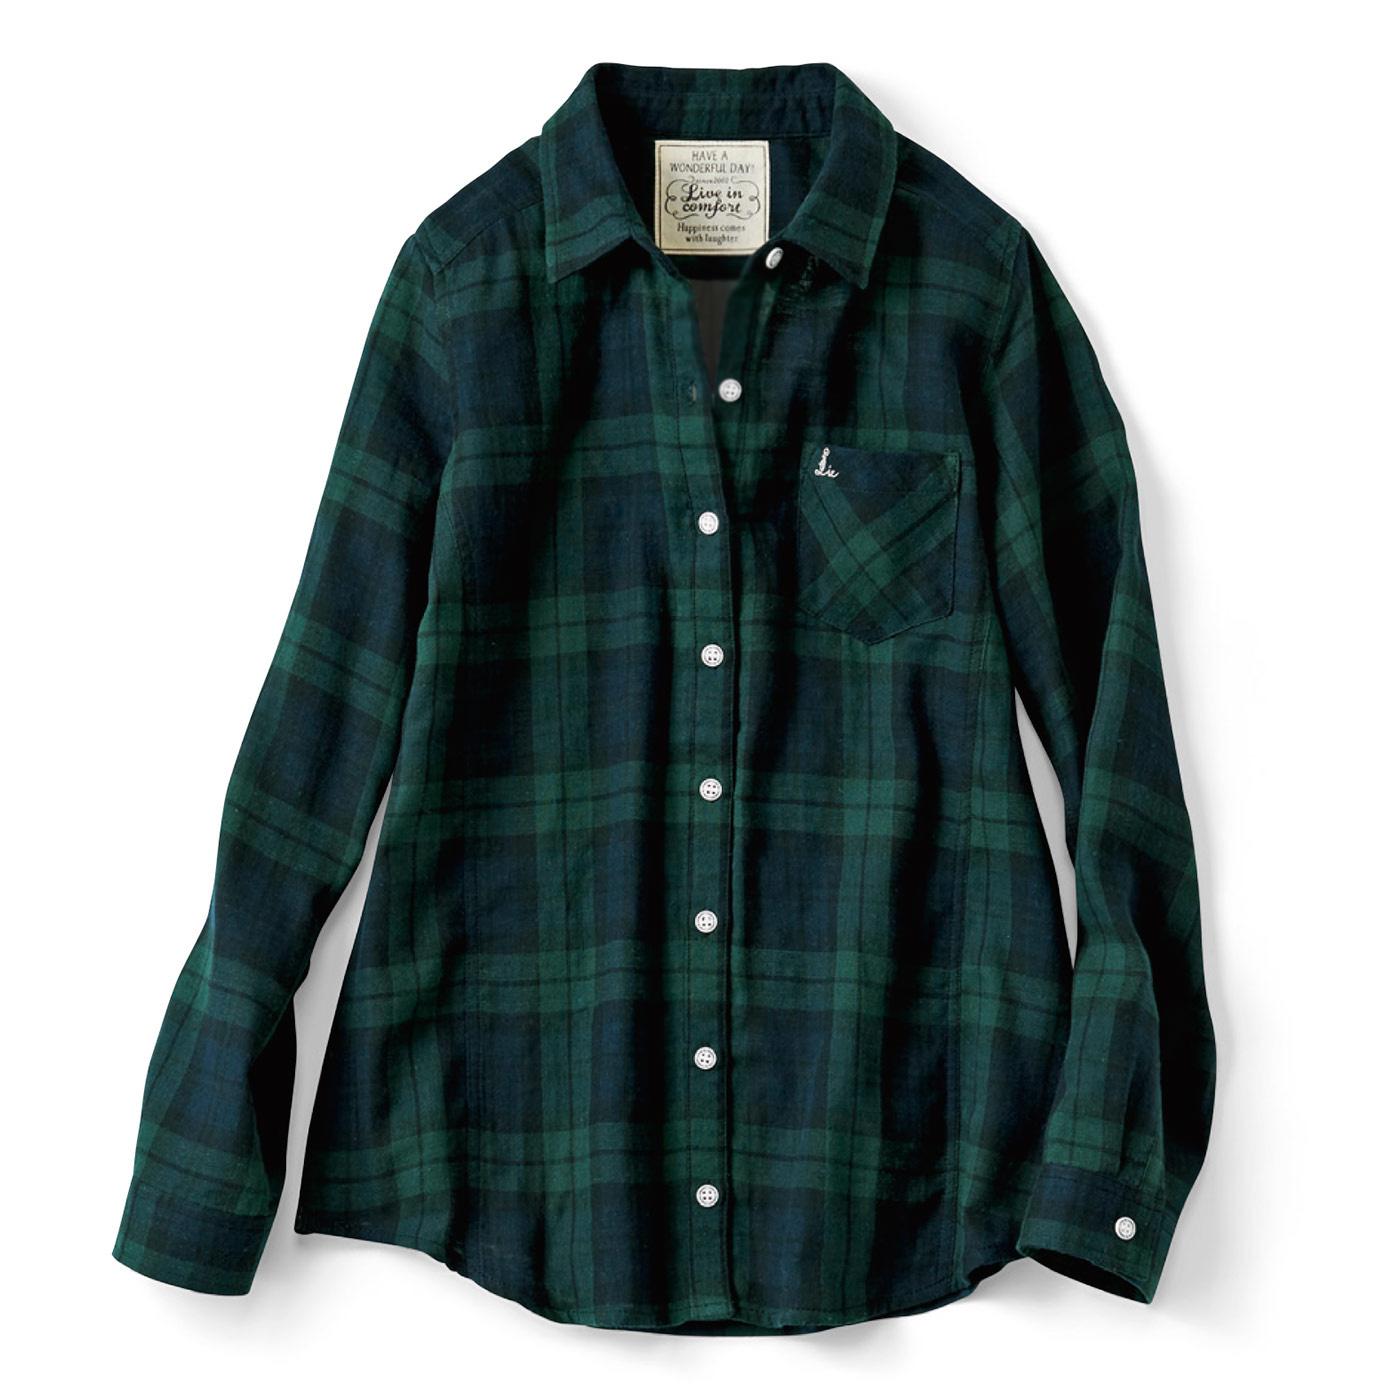 リブ イン コンフォート 重ね着してももたつかない! ストレッチガーゼ×カットソーの伸びシャツ〈ブラックウォッチ〉